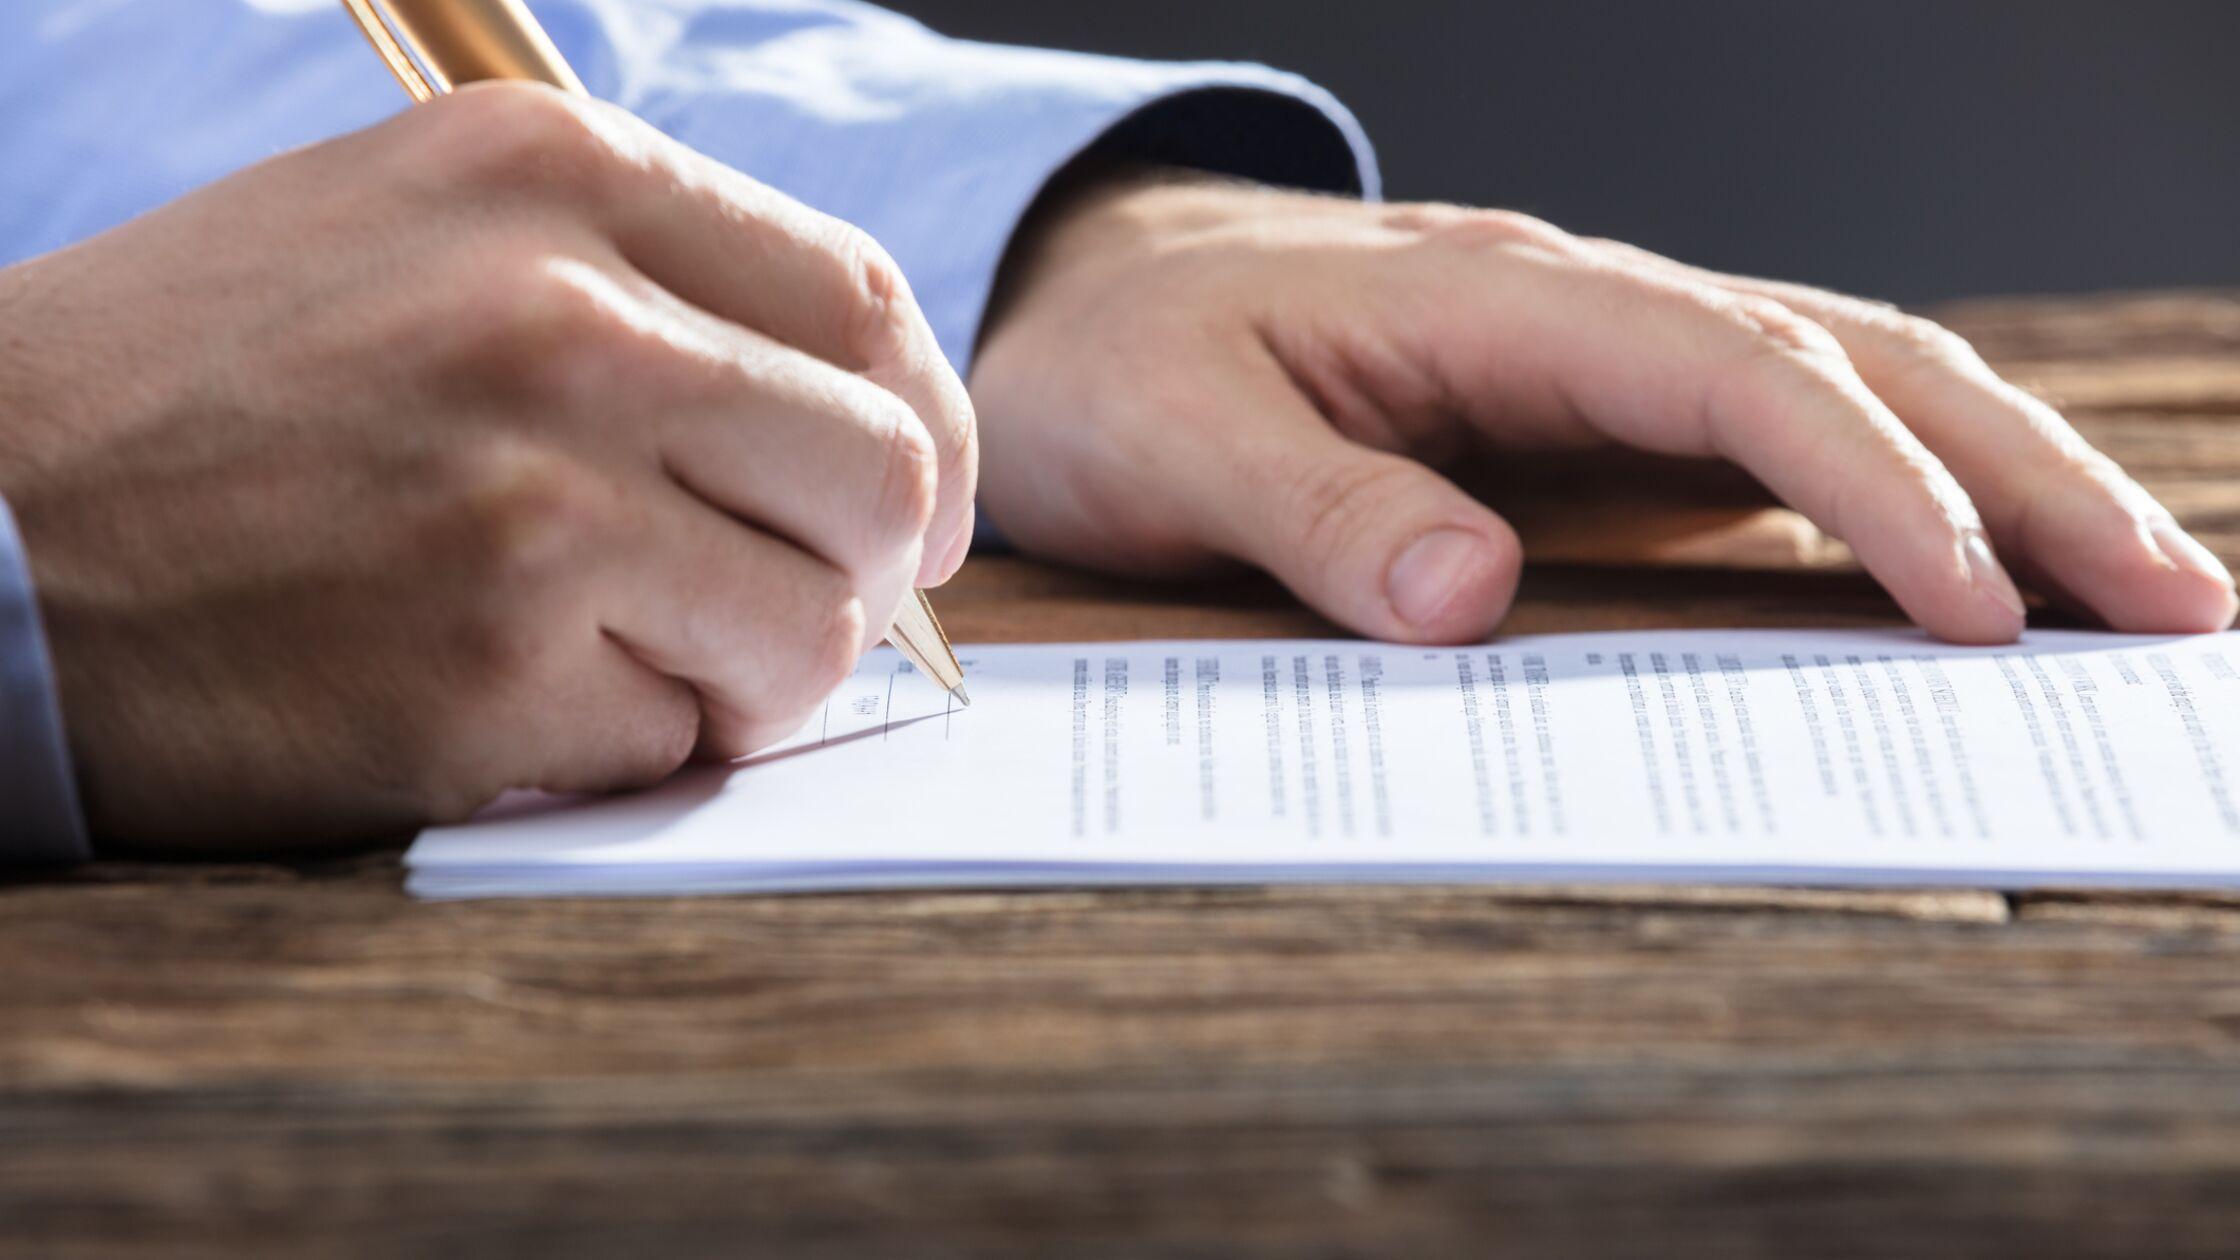 Rechte Hand hält Stift und unterzeichnet Dokument, linke Hand liegt auf dem Schreibtisch